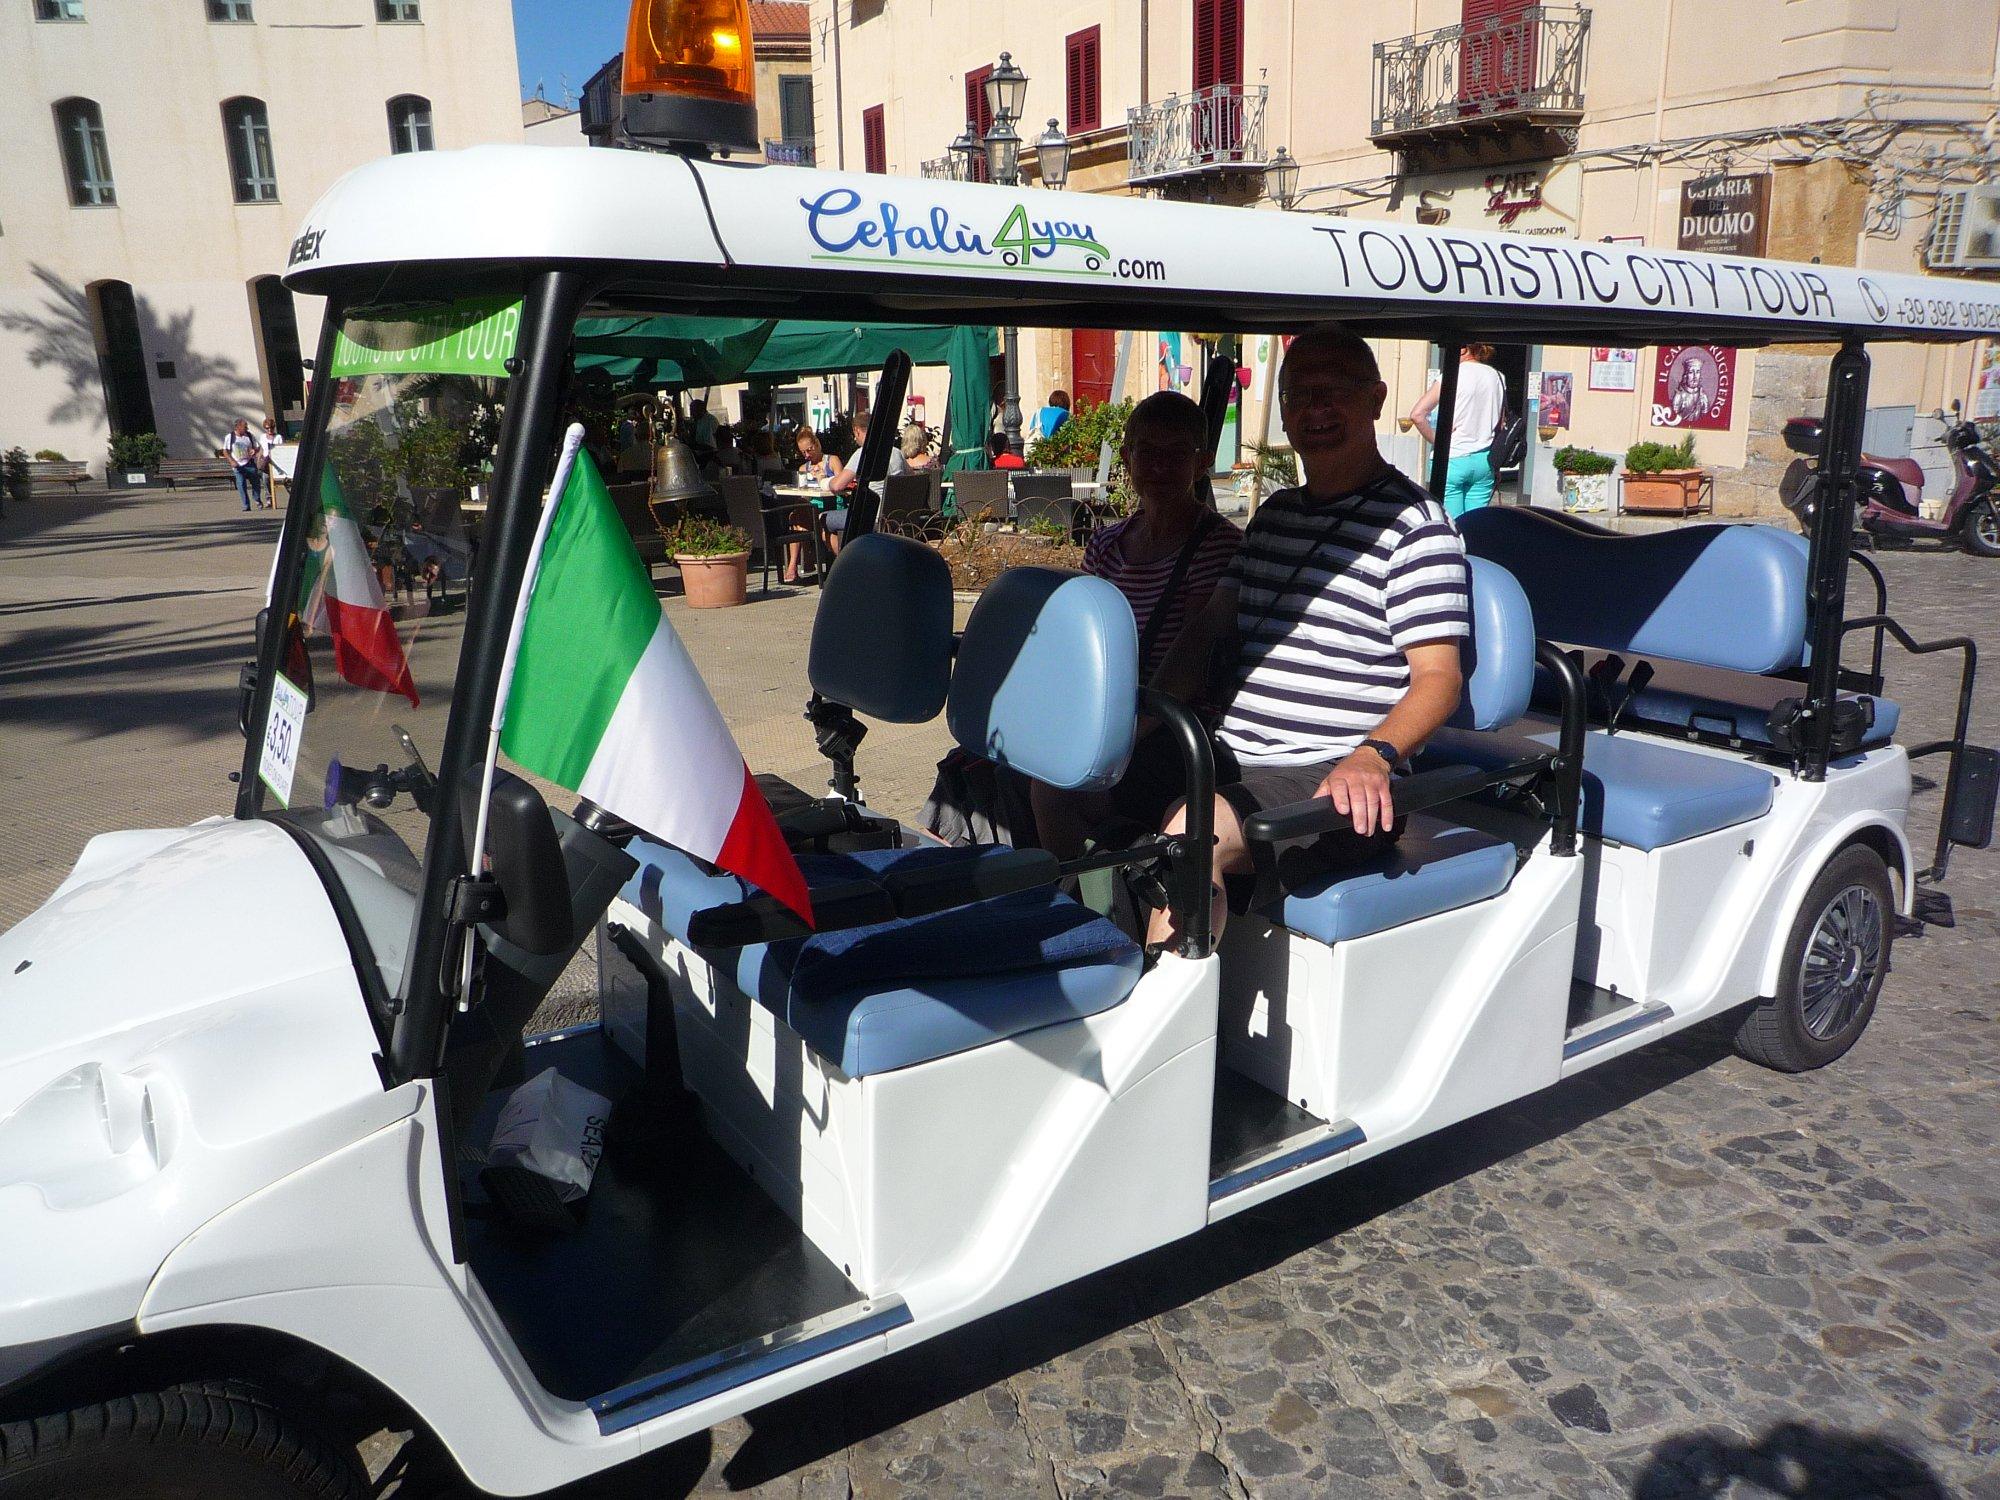 Cefalù4you - Touristic City Tour